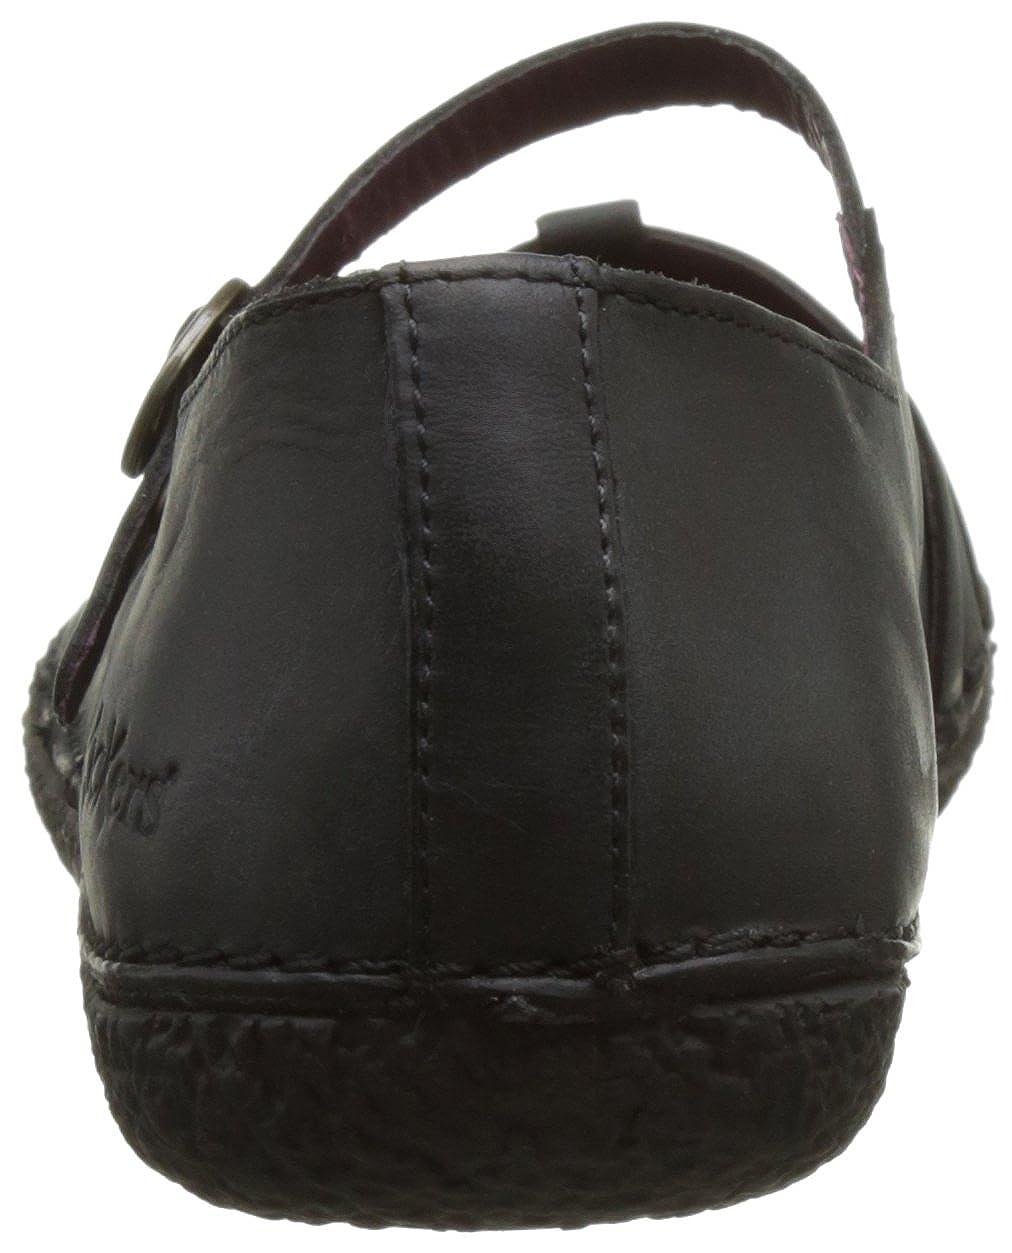 1a5698e26a1dfb Kickers Hibou, Ballerines Bout fermé Femme, (Noir), 36 EU: Amazon.fr:  Chaussures et Sacs